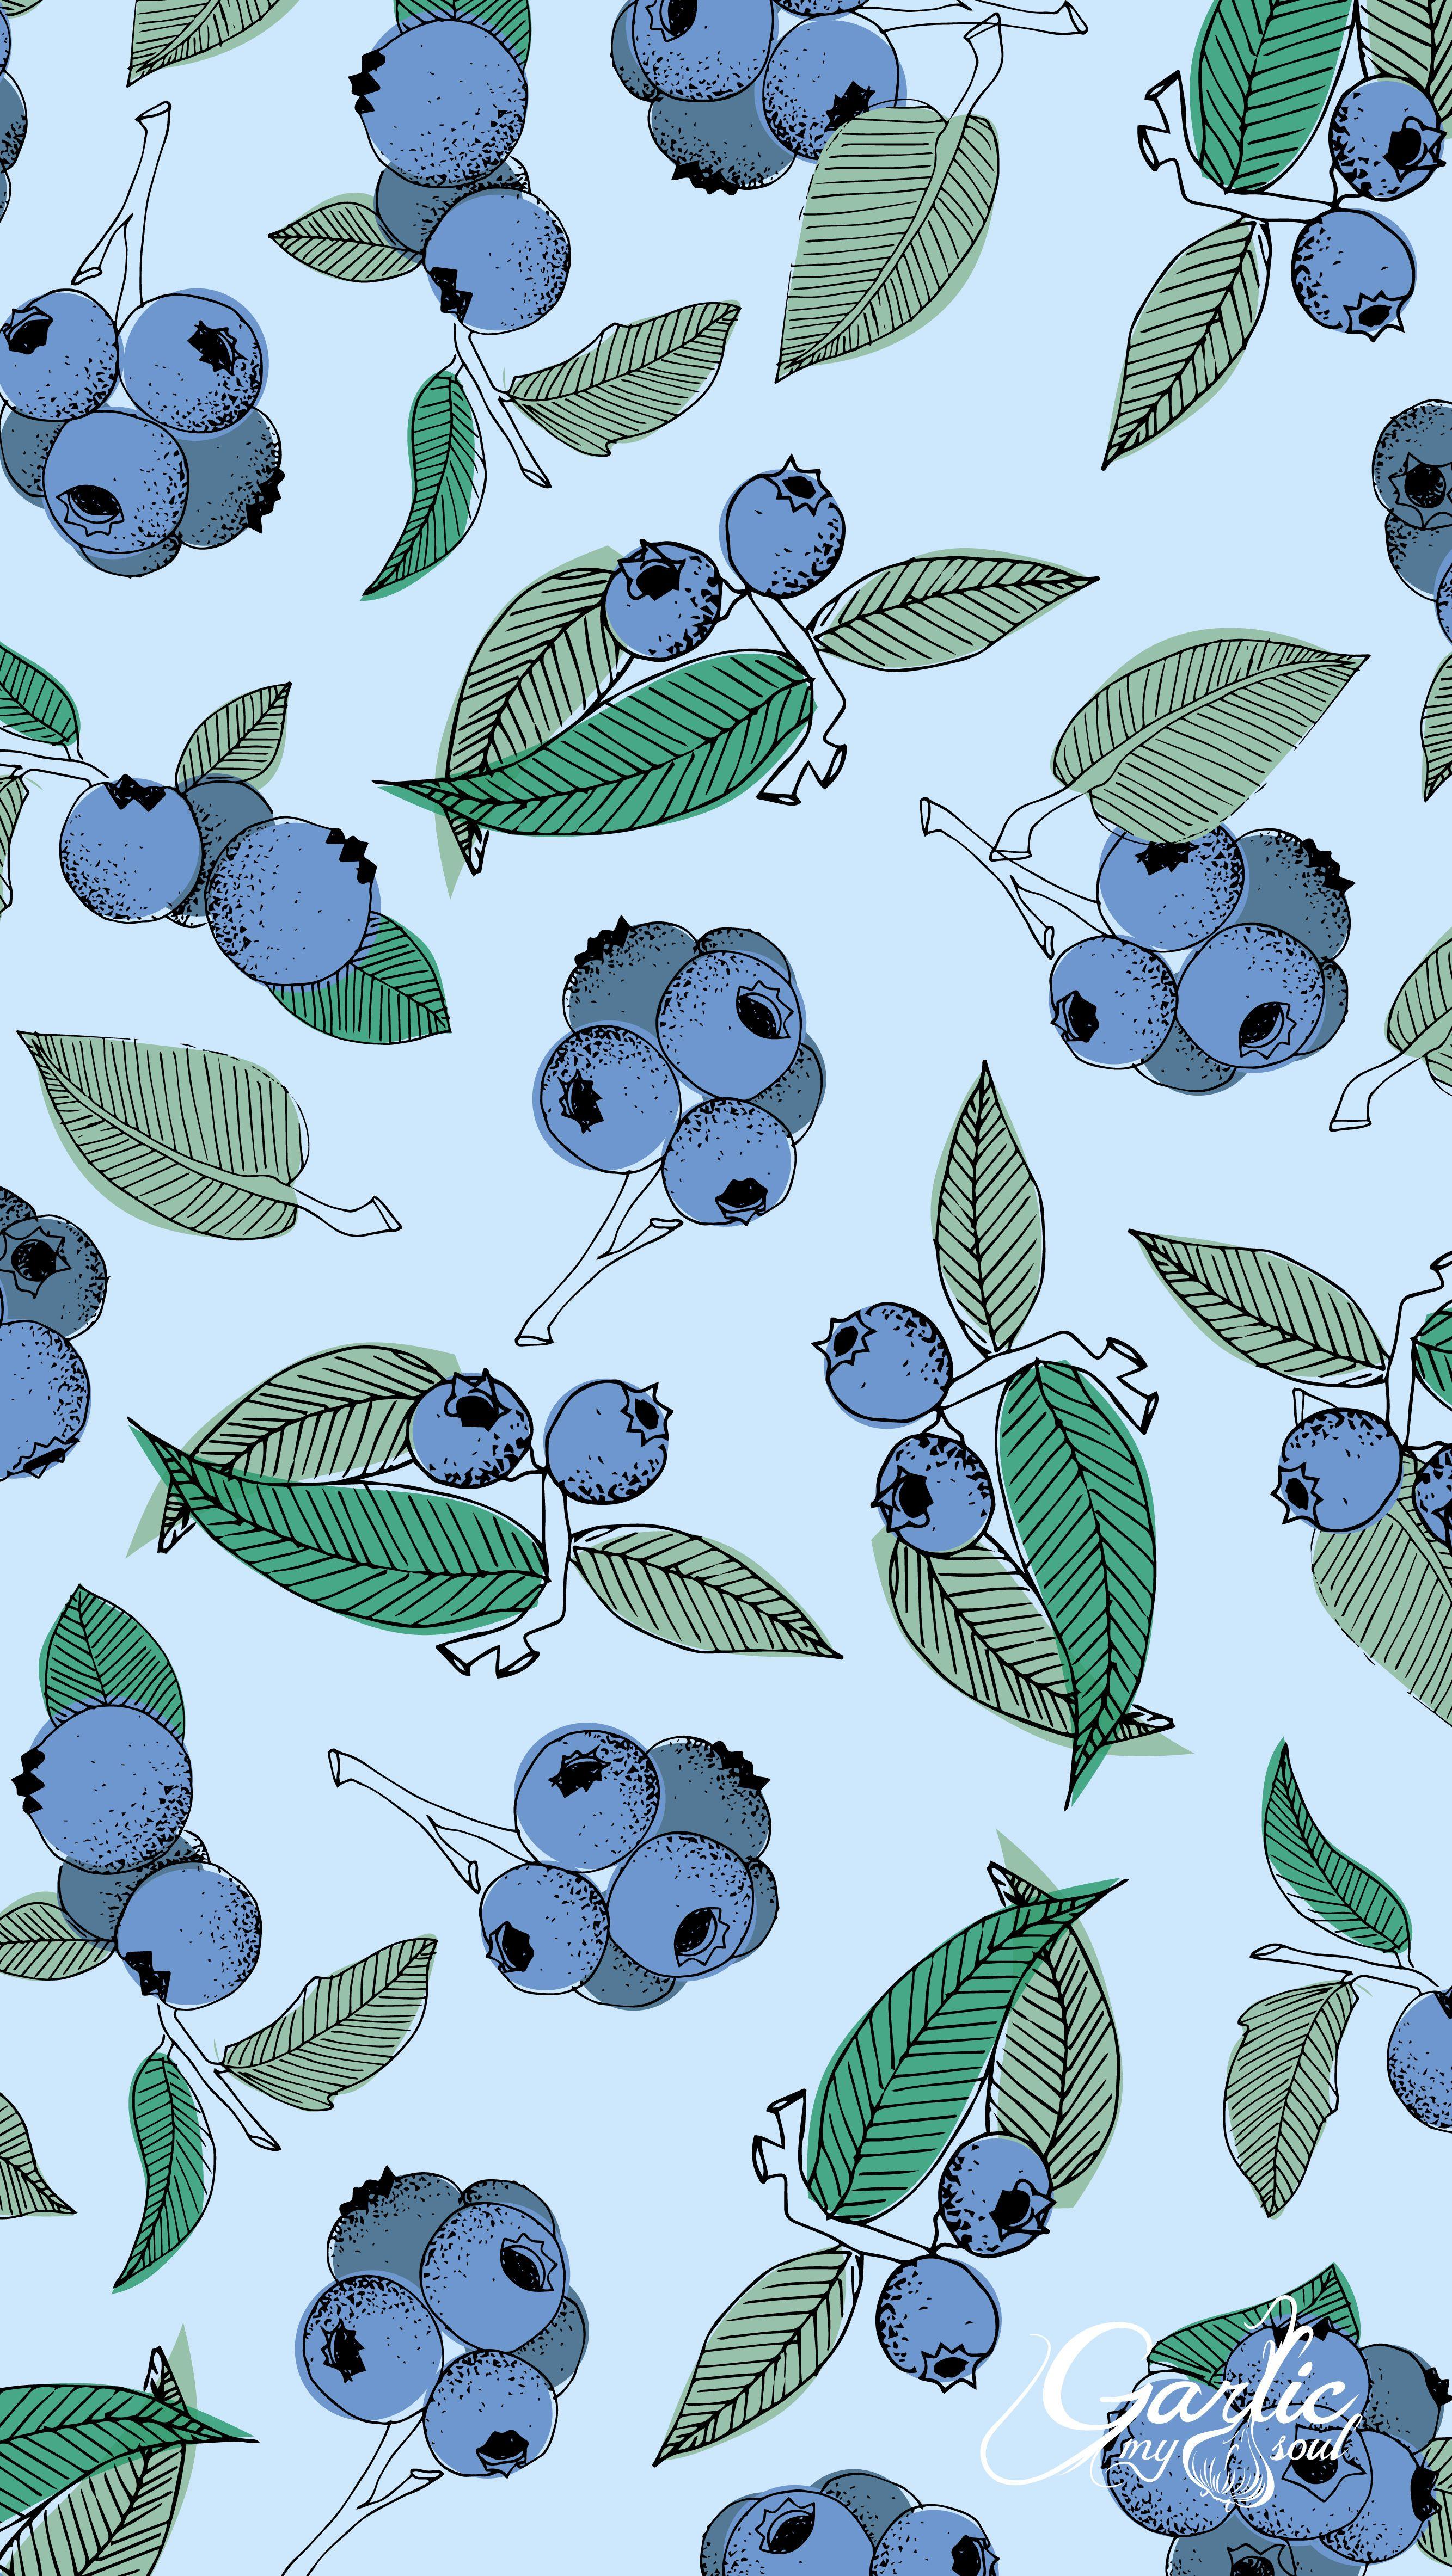 Blueberry Cute Patterns Wallpaper Iphone Background Wallpaper Fruit Wallpaper